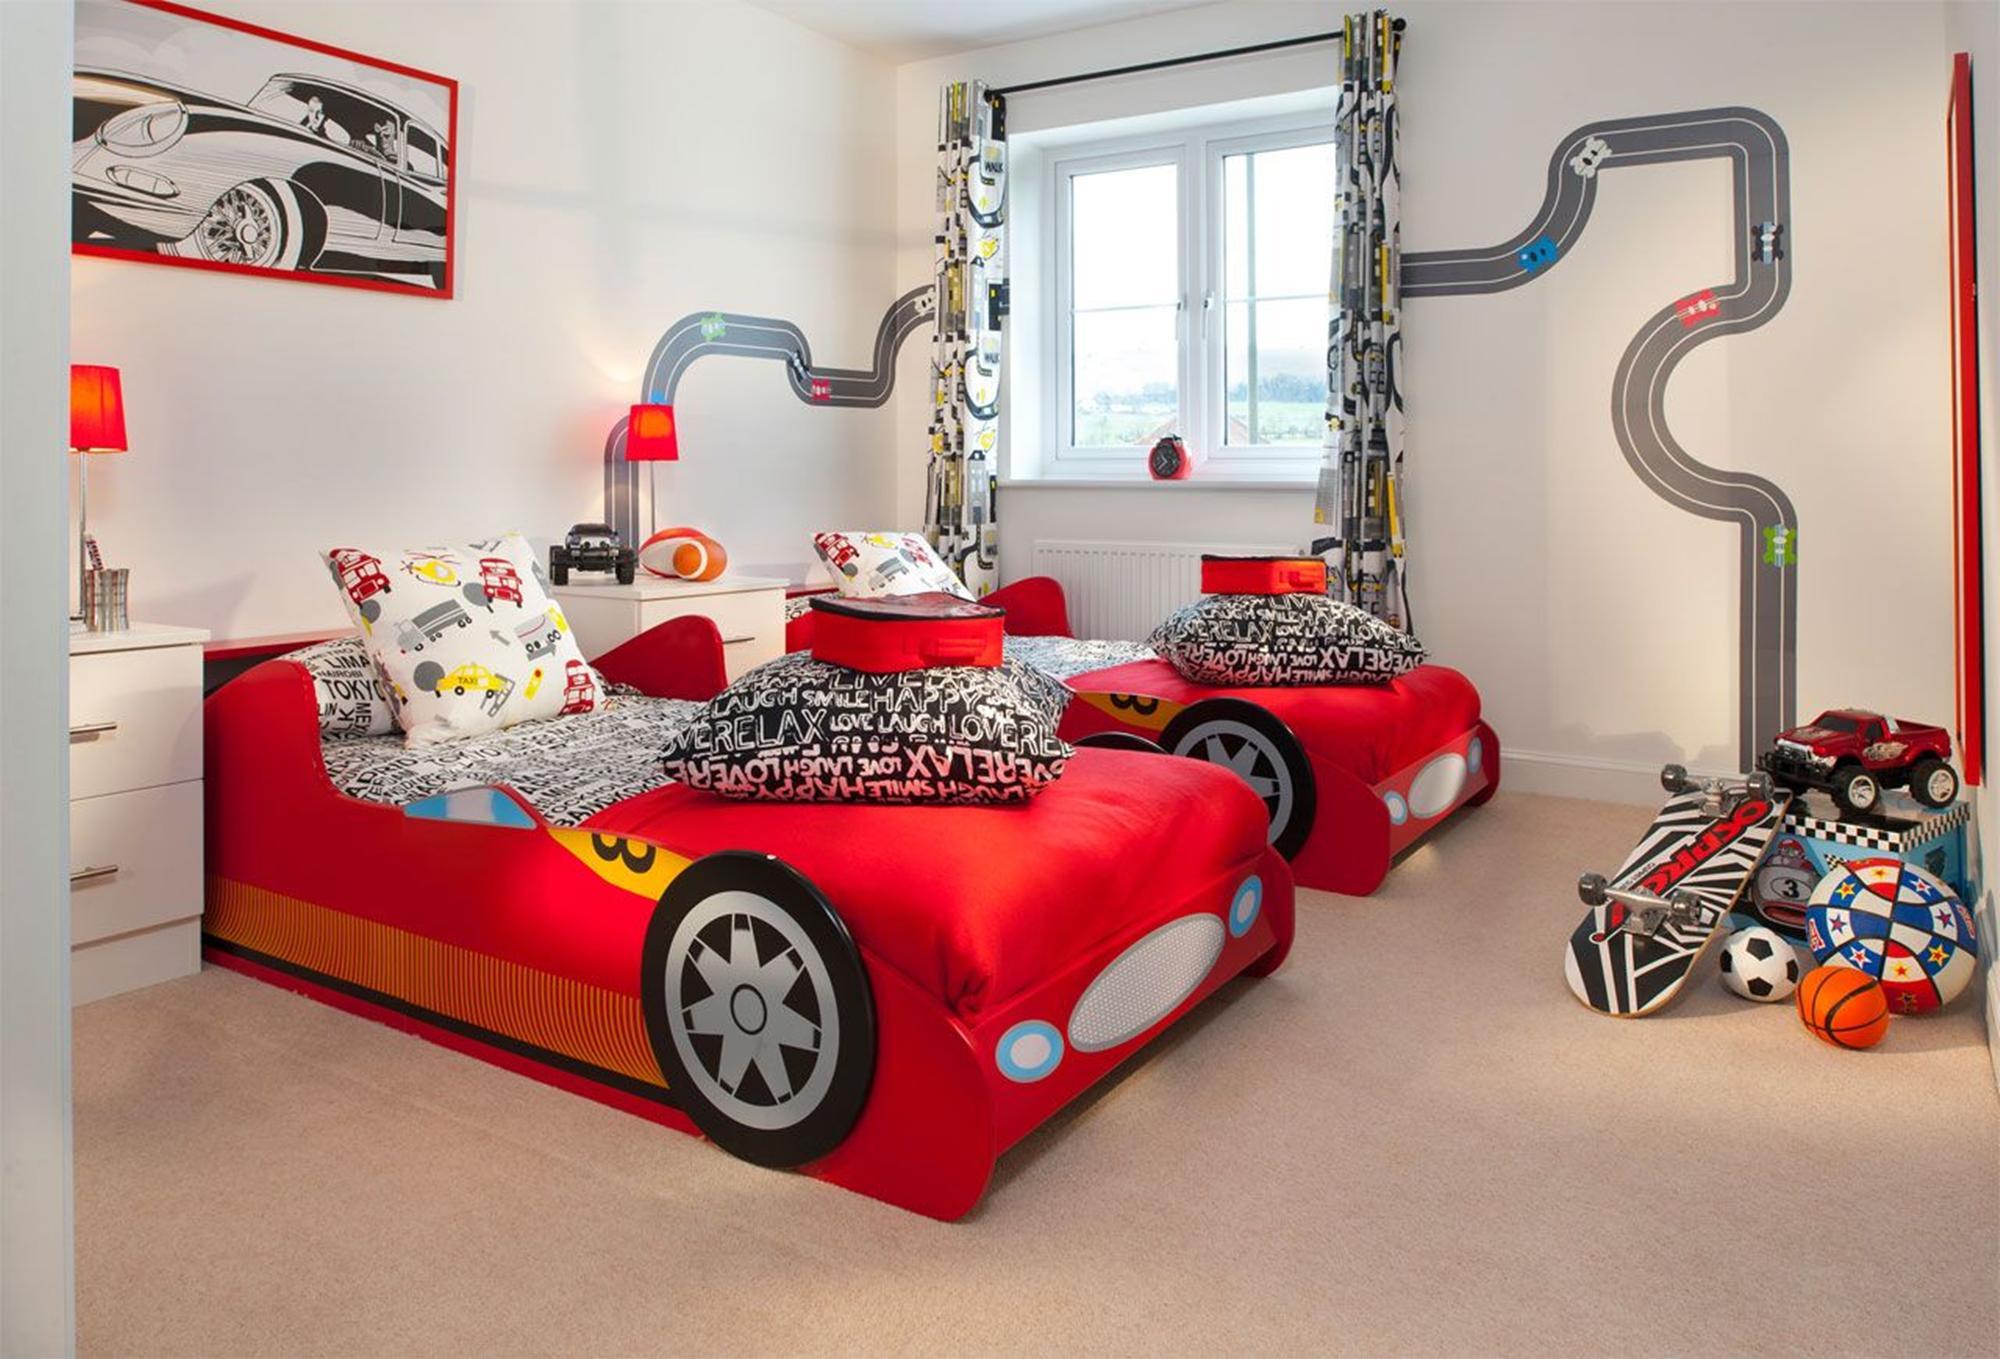 Kids Bedroom Uk top 10 children's rooms - zoopla